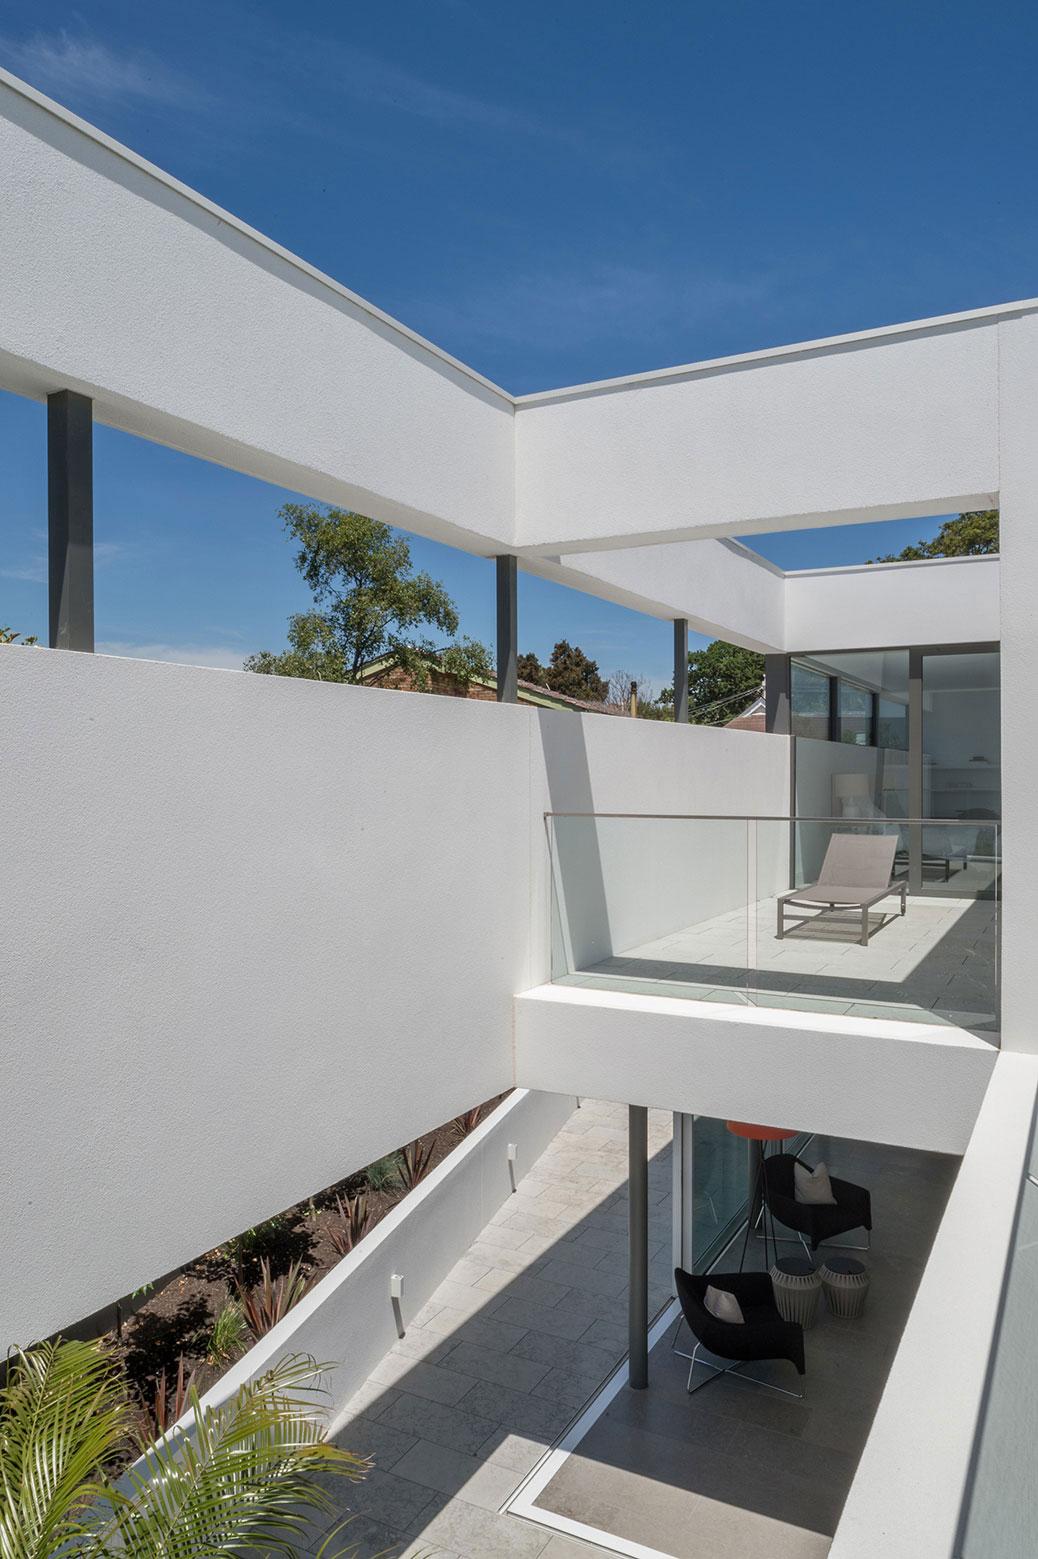 Ett riktigt fantastiskt hus, Boandyne-huset är 5 Ett riktigt fantastiskt hus, Boandyne-huset